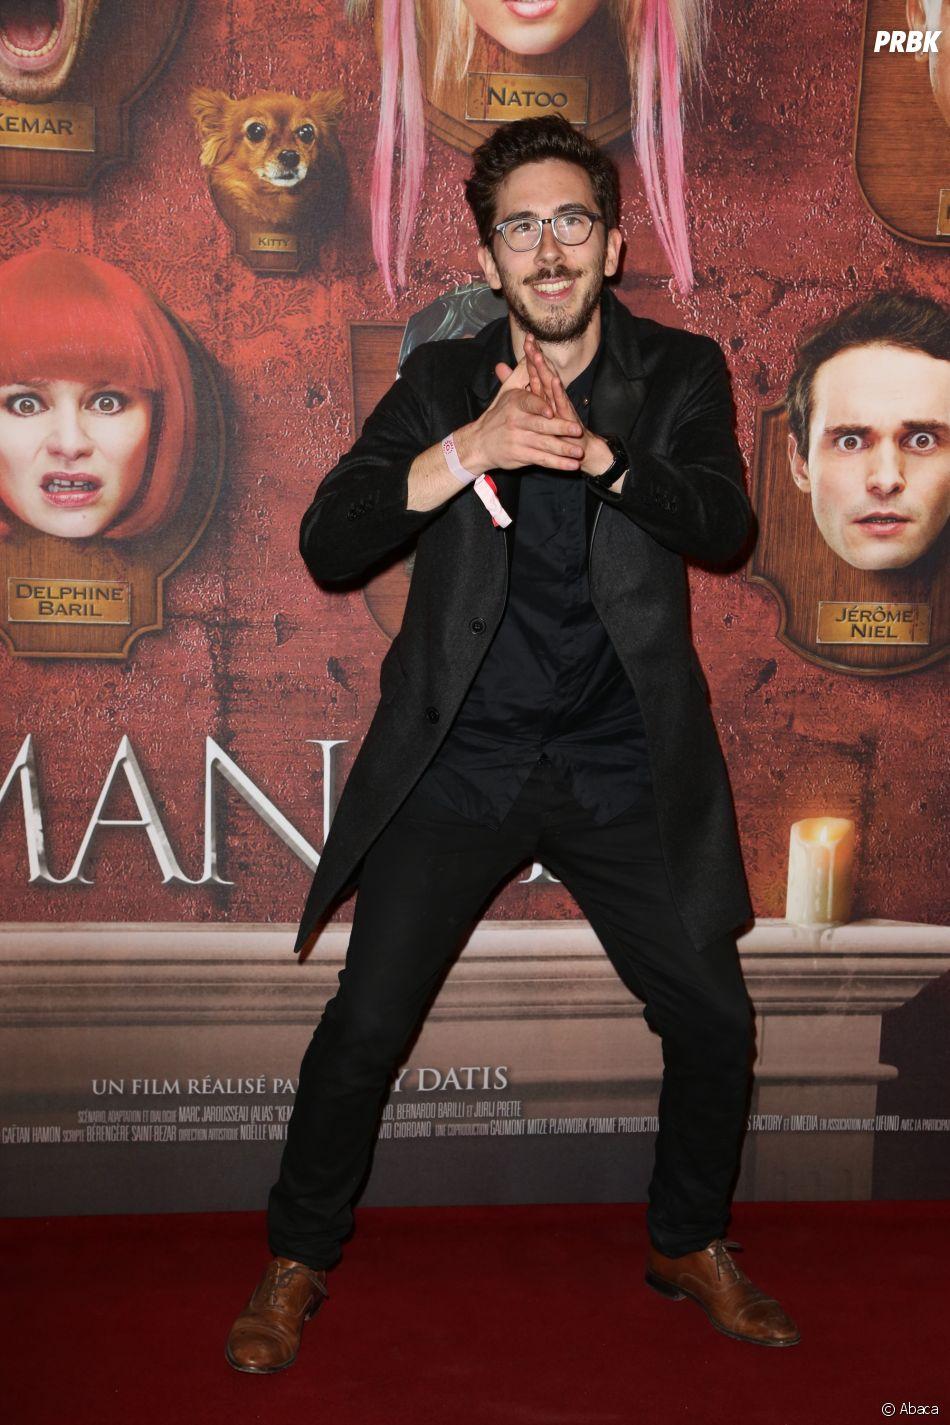 Kemar à l'avant-première du film Le Manoir le 9 juin 2017 au Grand Rex à Paris